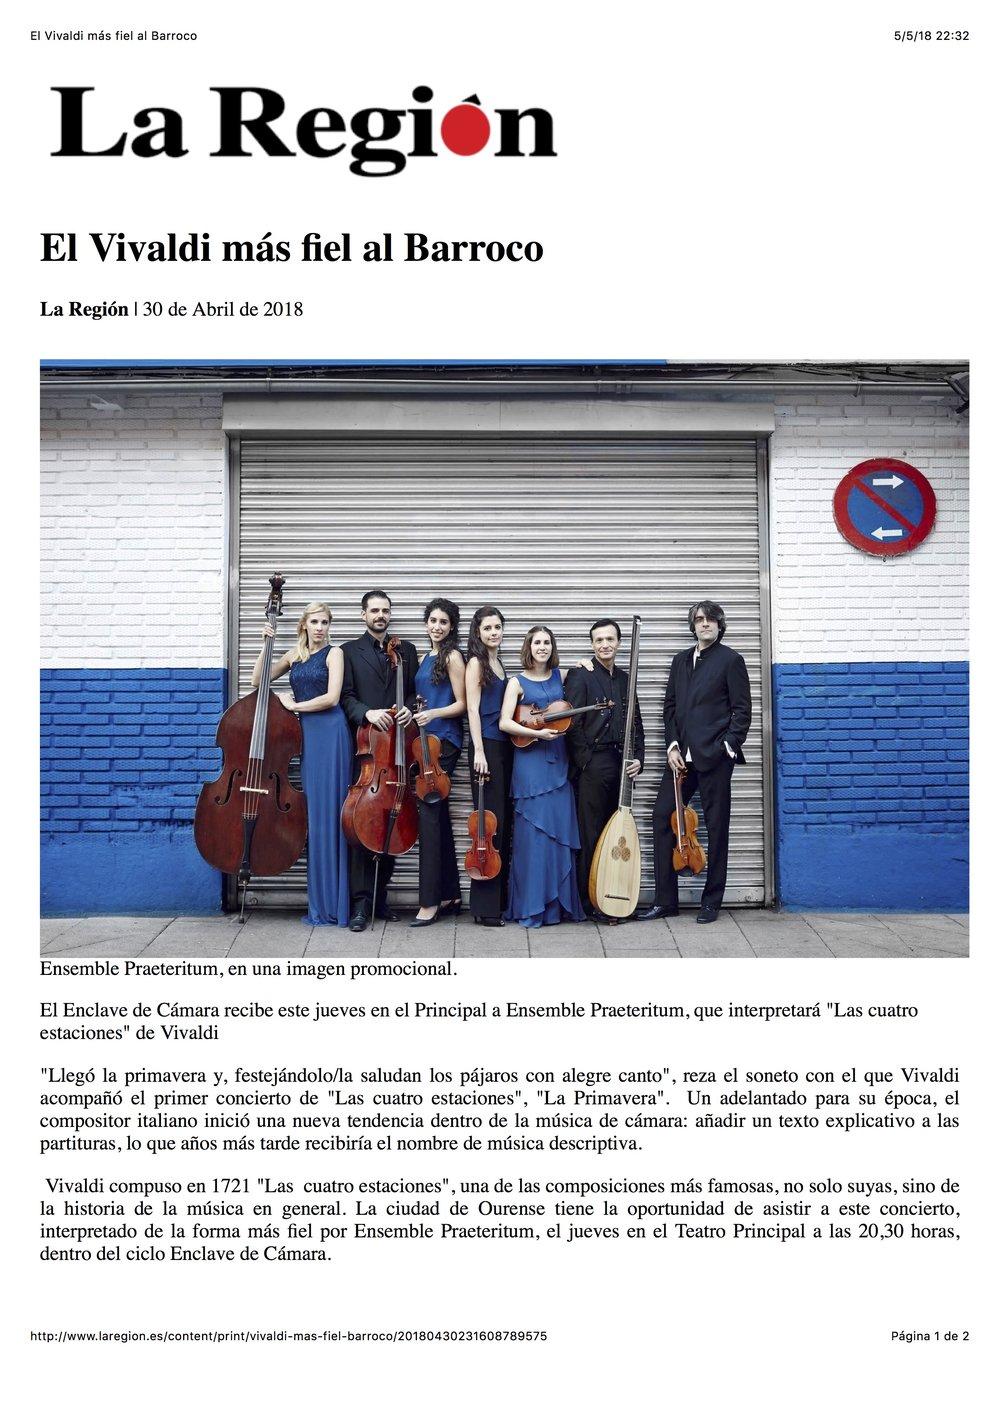 El Vivaldi más fiel al Barroco 1.jpg